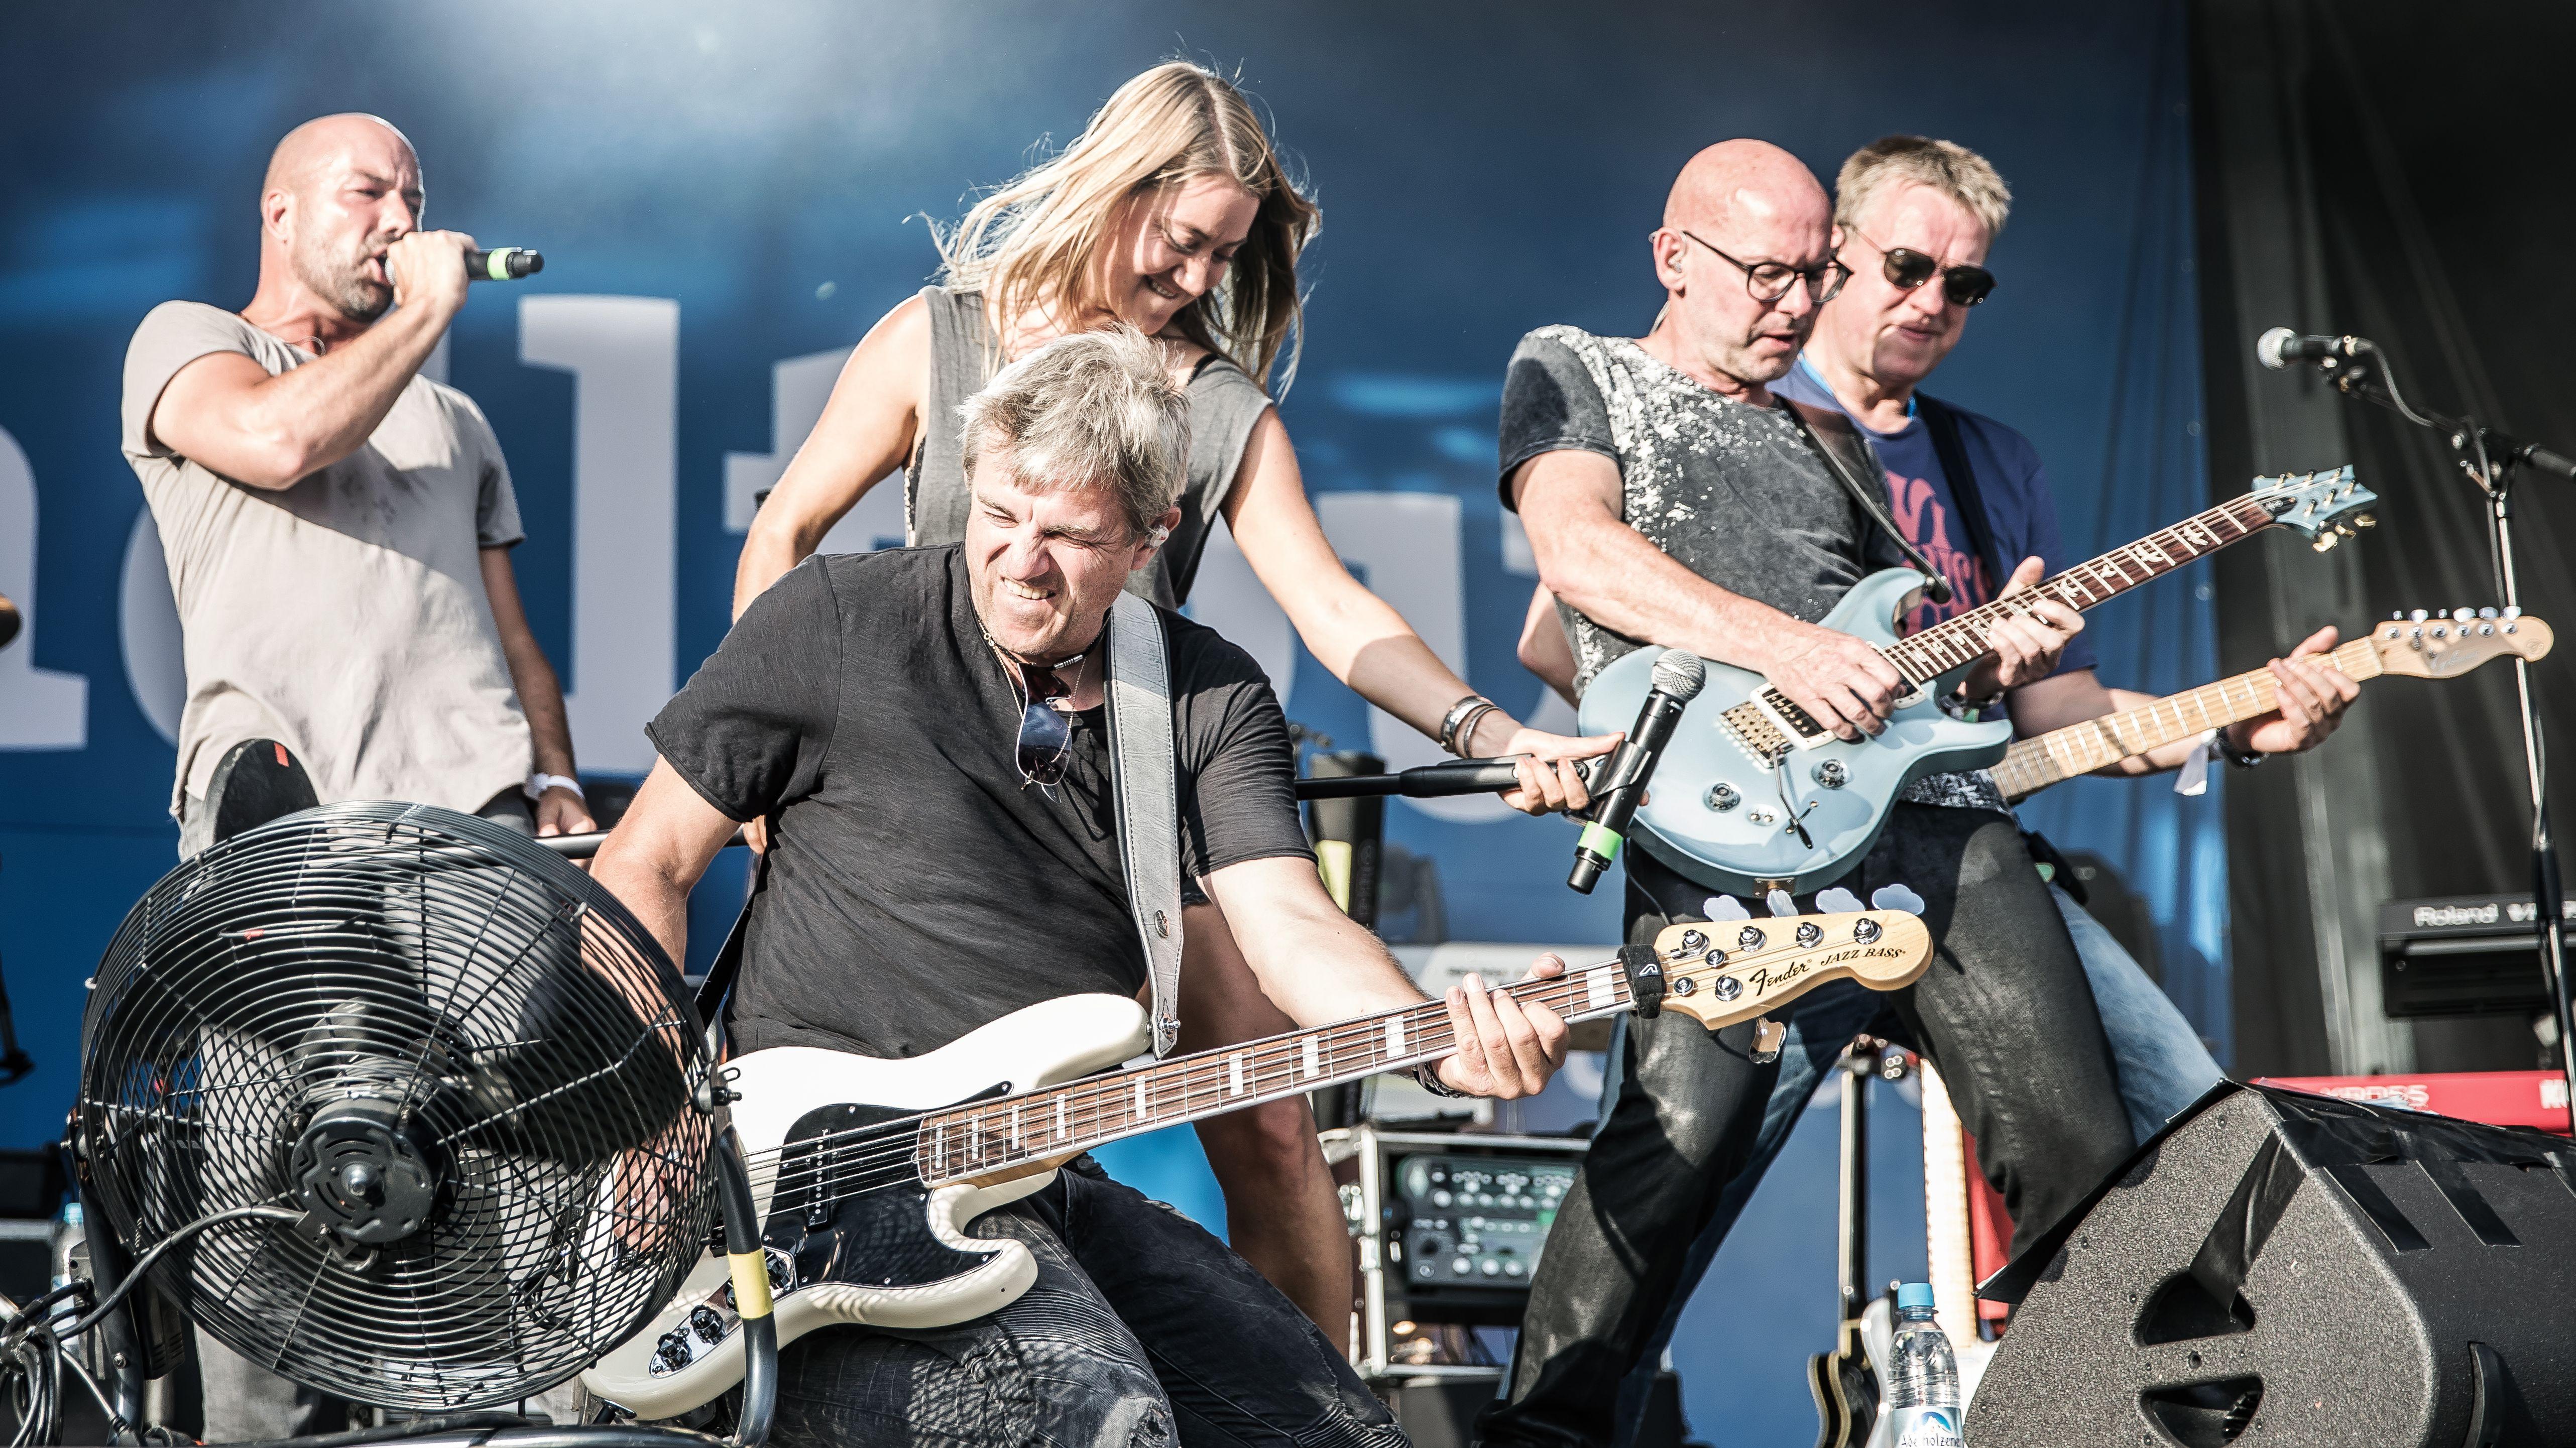 Die Bayern1-Band spielt am Freitagabend auf dem Regensburger Bürgerfest.